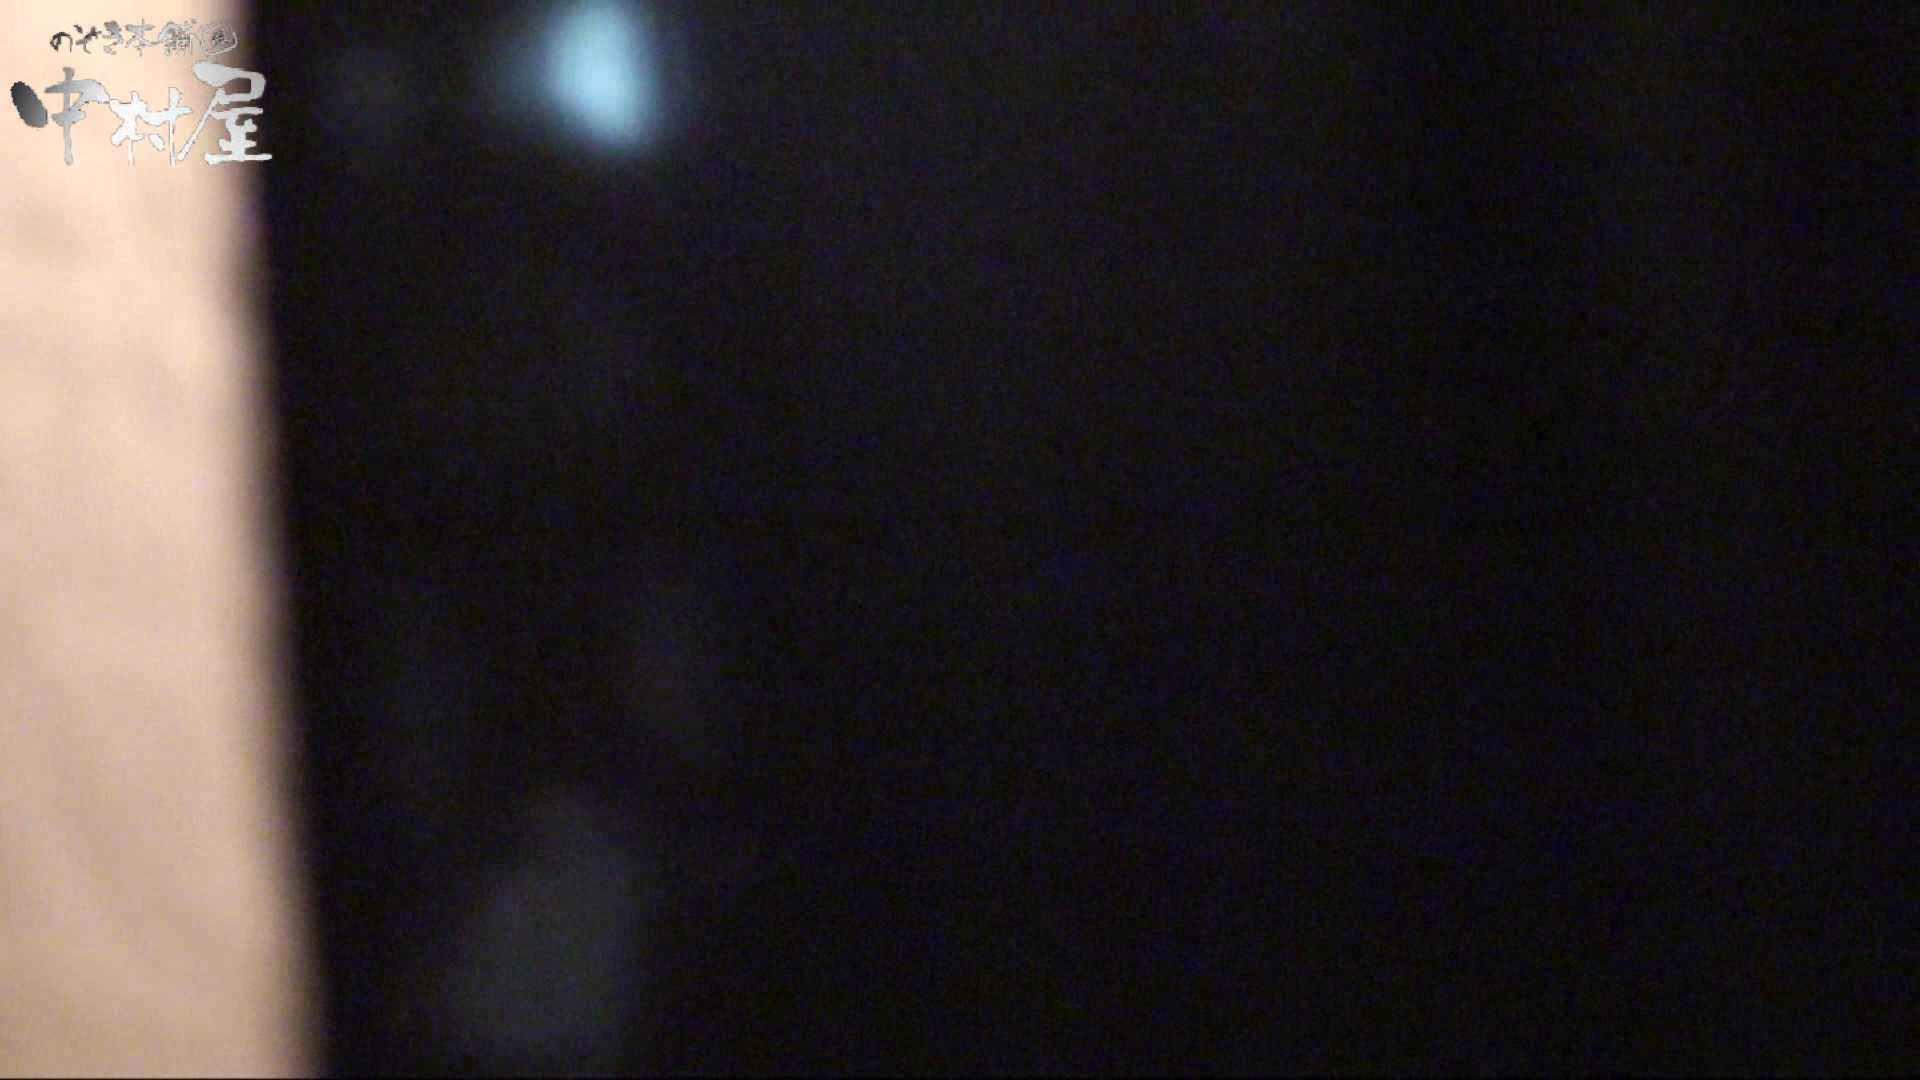 民家盗撮 隙間の向こう側 vol.01 シャワー アダルト動画キャプチャ 105PICs 43